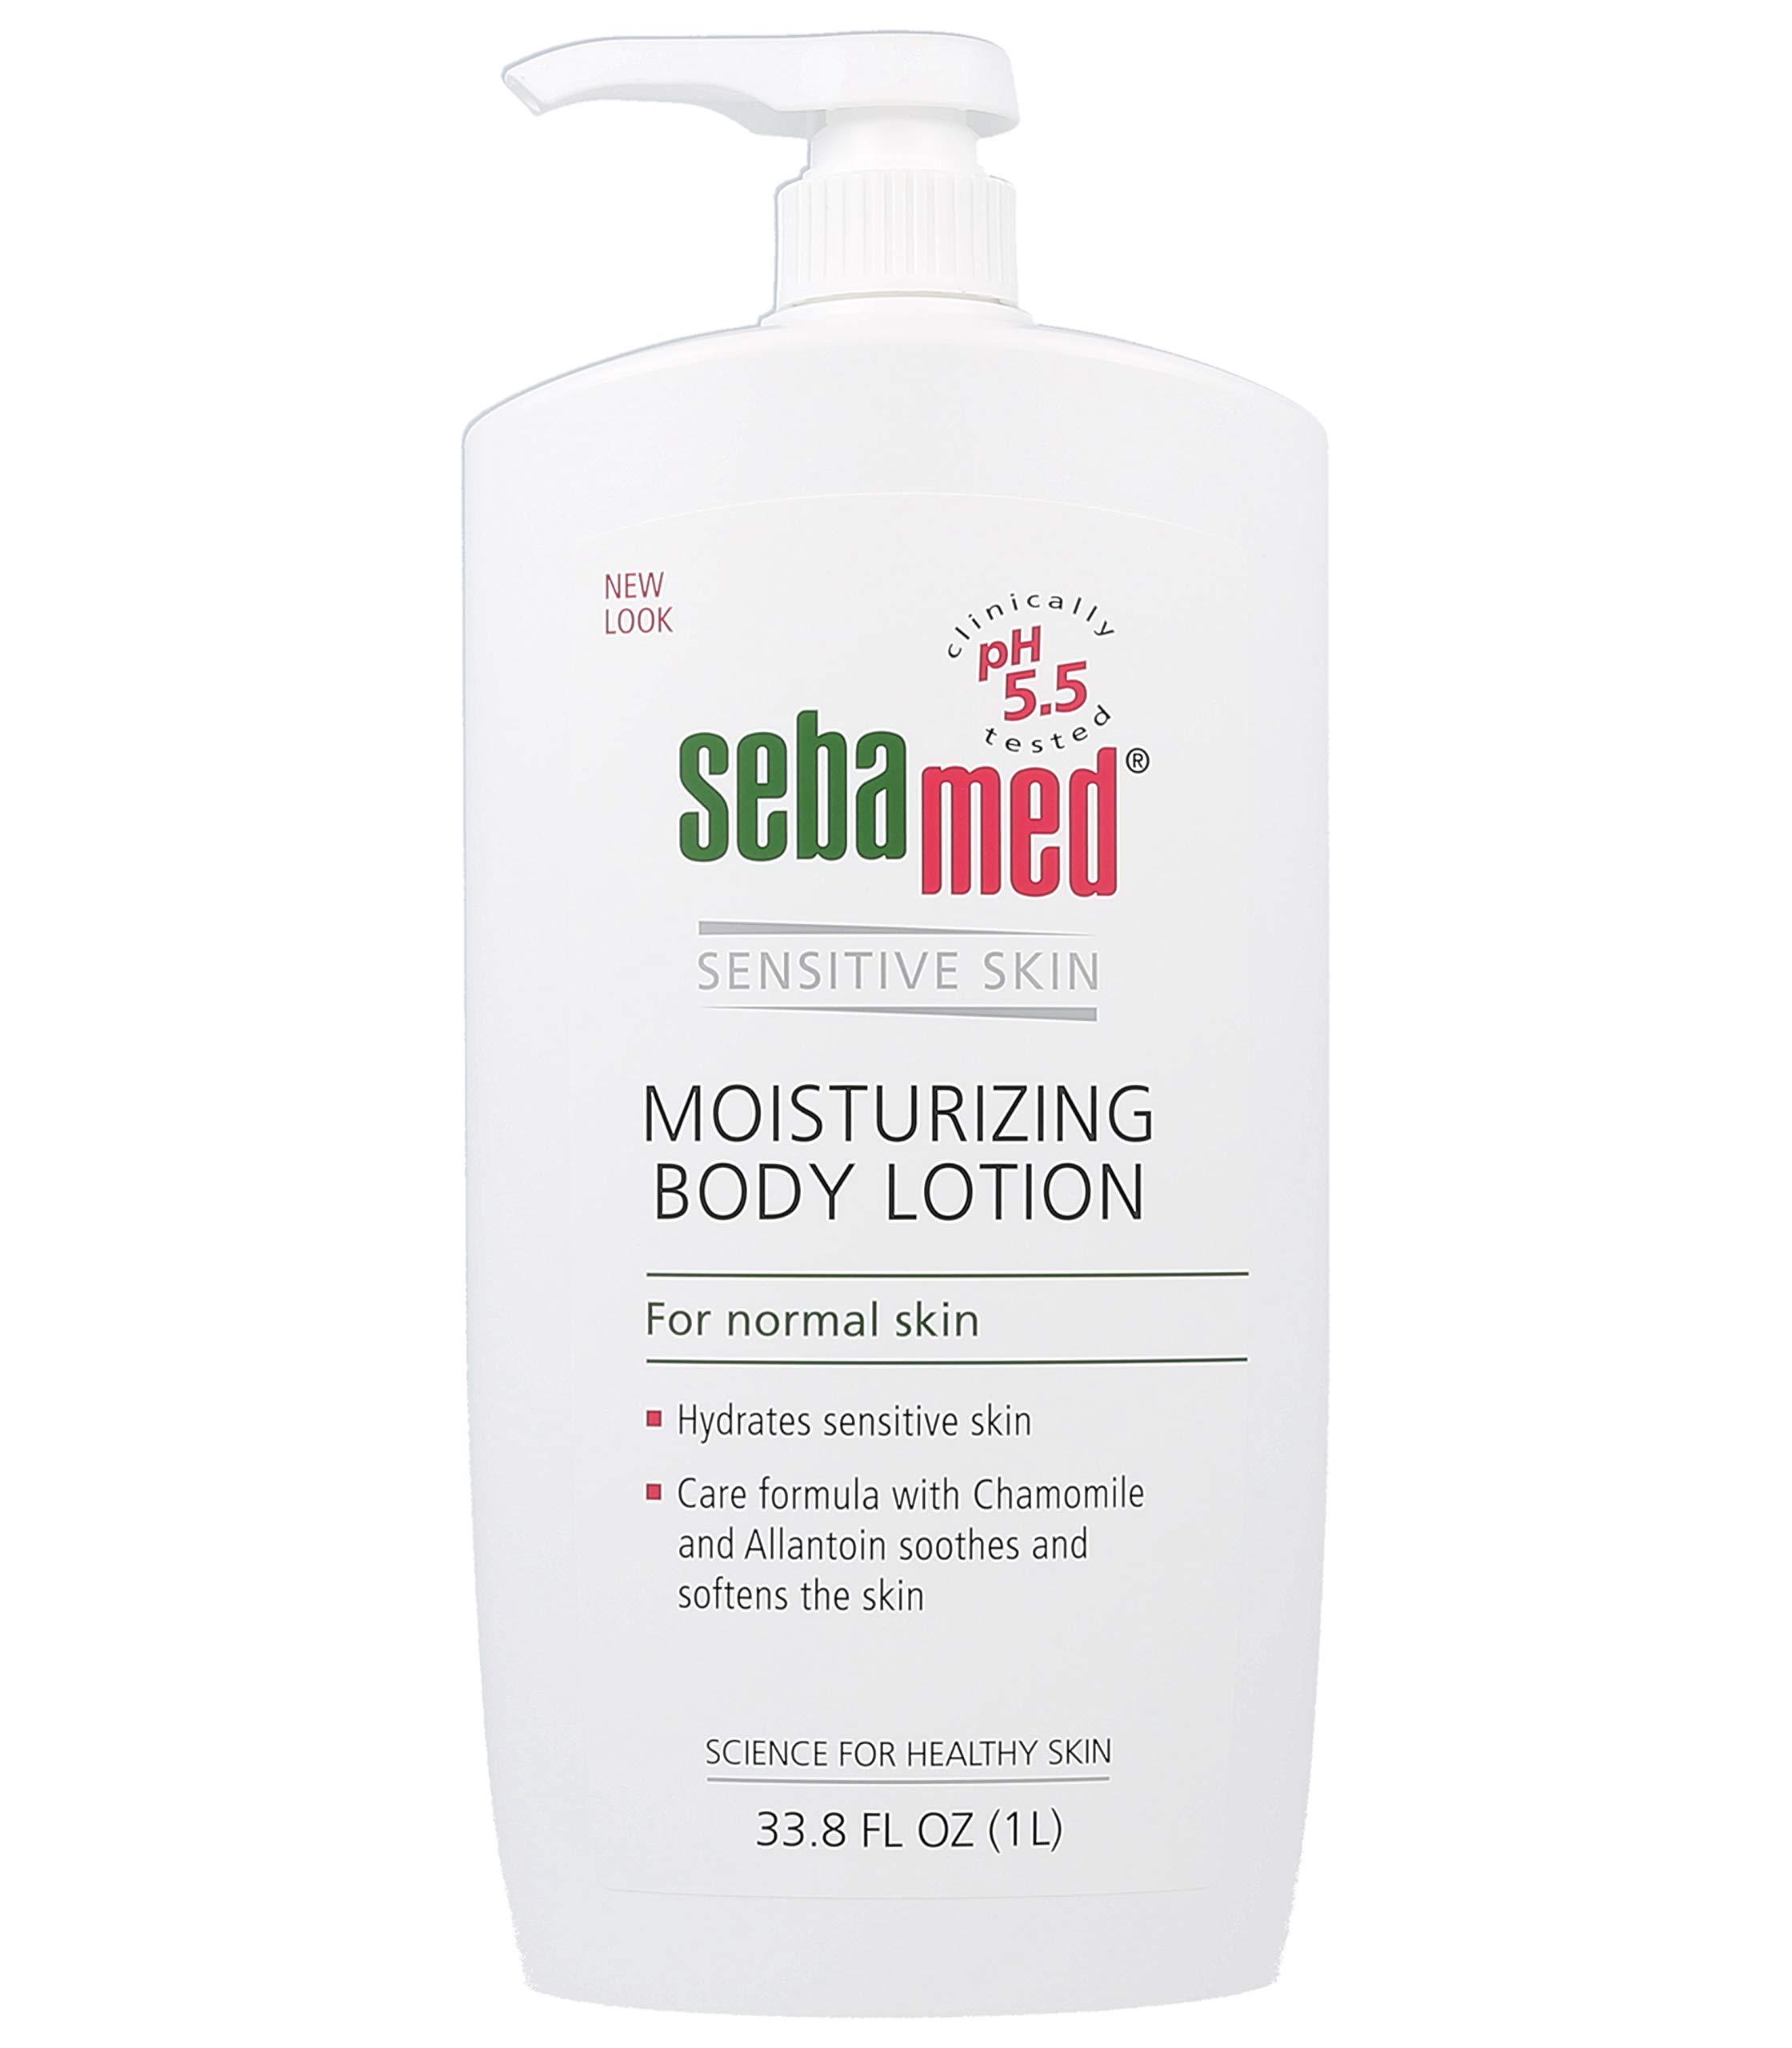 Sebamed Moisturizing Body lotion pH 5.5 for Sensitive Skin Hypoallergenic Dermatologist Recommended Hydrating Moisturizer 33.8 Fluid Ounces (1 Liter) by SEBAMED